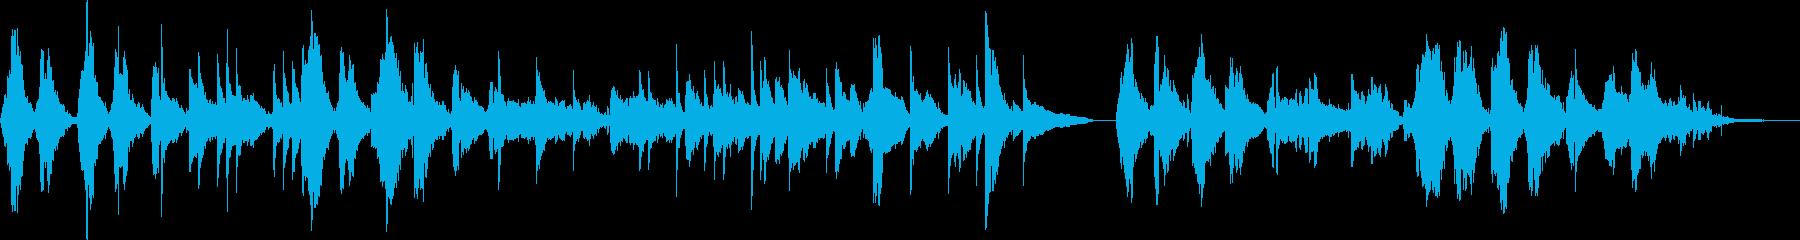 ハードボイルド・バー(トランペット)の再生済みの波形